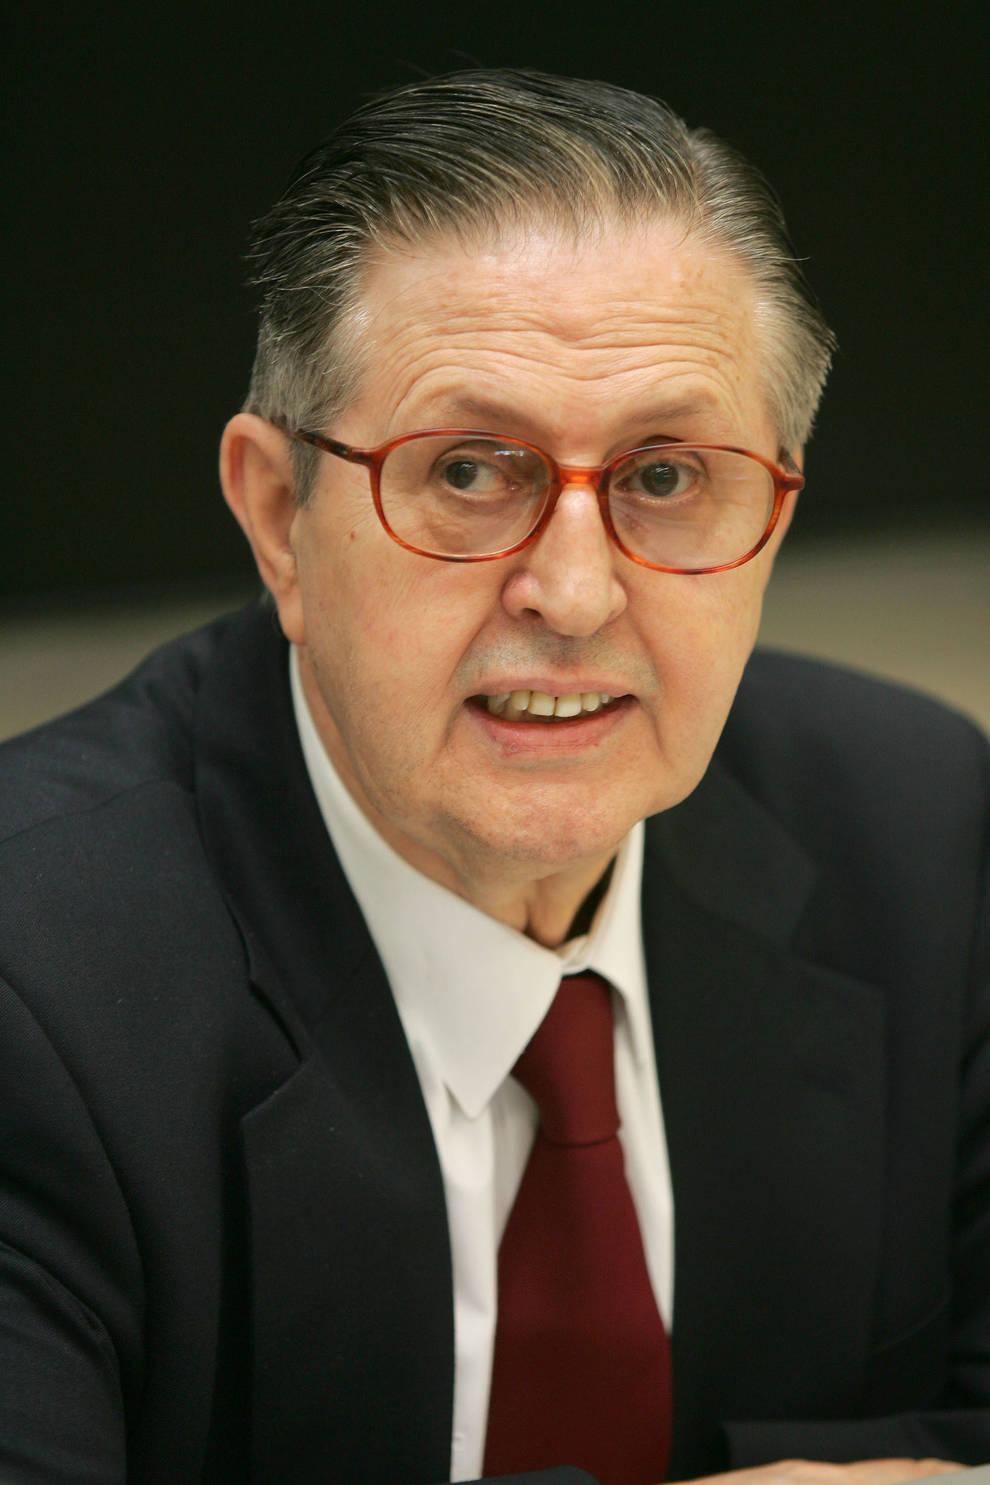 Fallece Javier Hervada, uno de los canonistas más prestigiosos del siglo XX